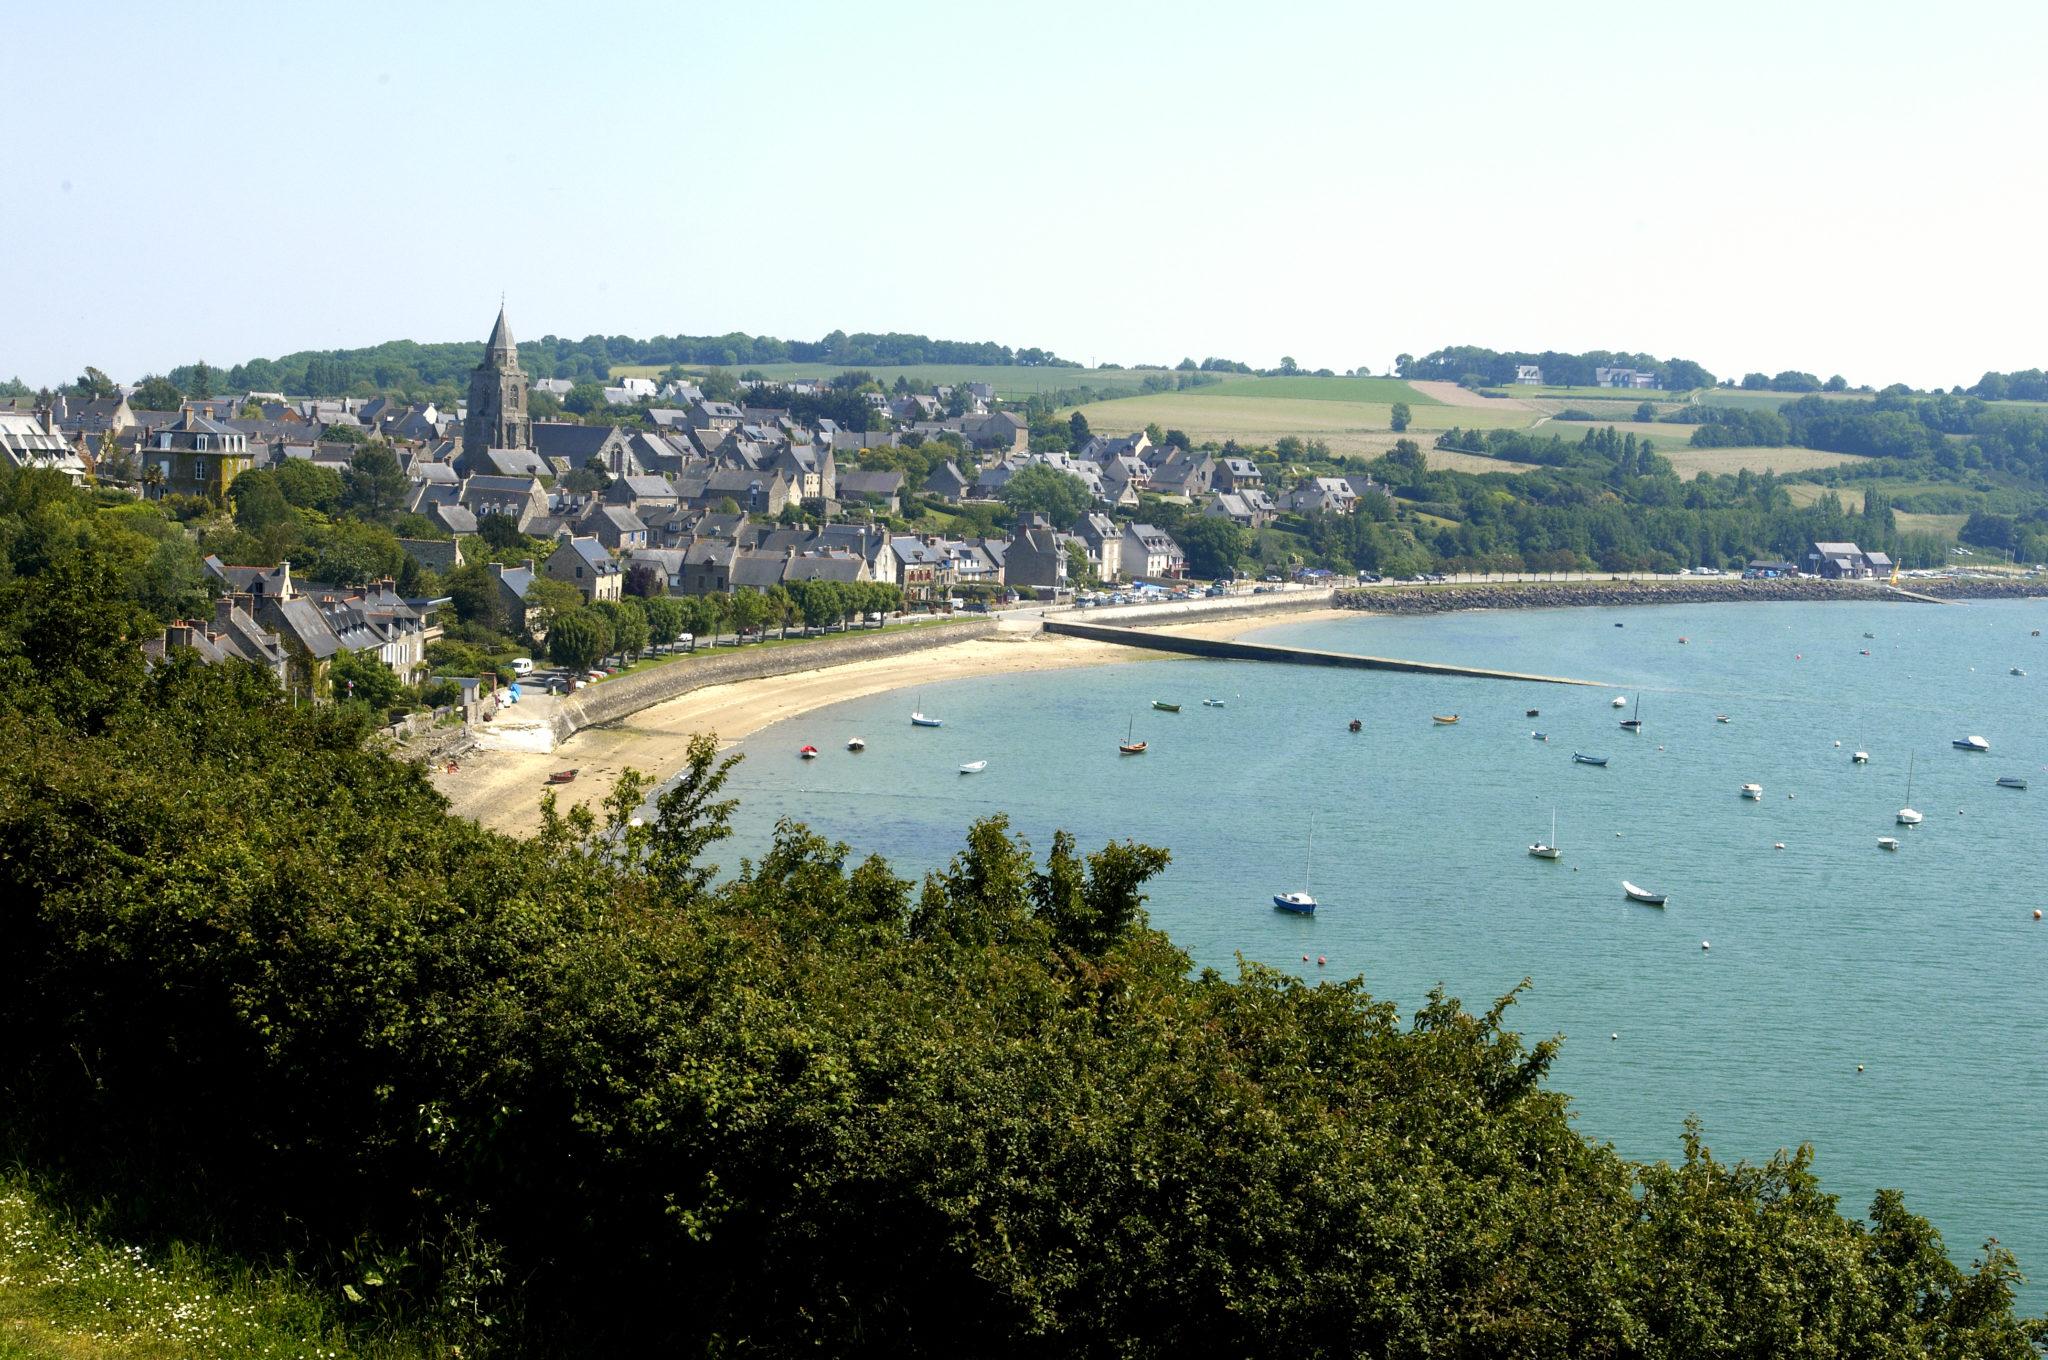 Saint-Suliac élue plus beau village de France. Plus belles villes à visiter en Ille-et-Vilaine Bretagne.